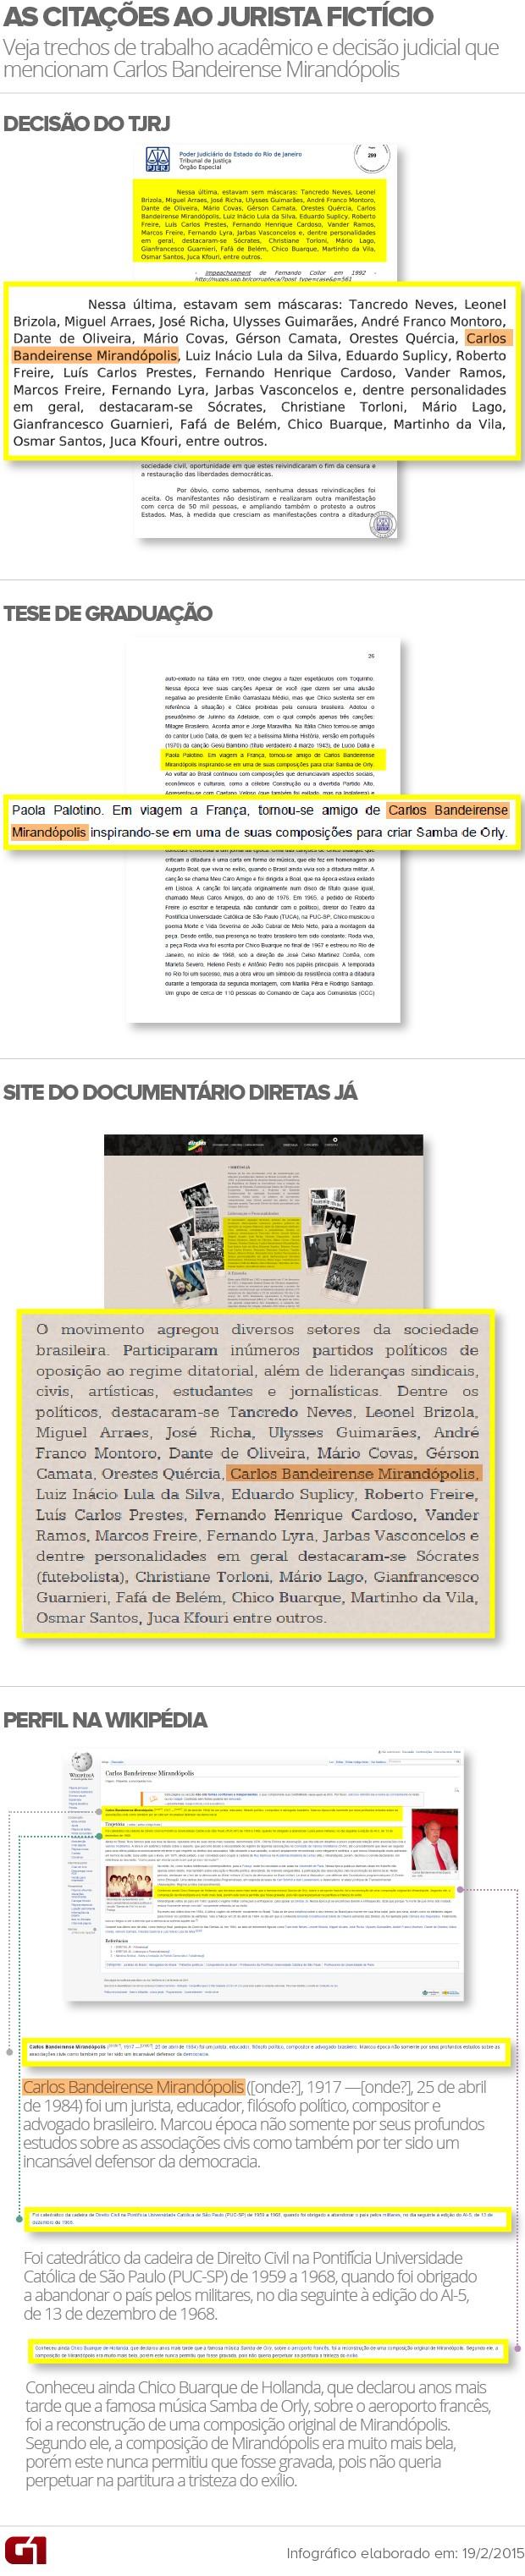 Arte - citação a juiz fictício, Carlos Bandeirense Mirandópolis - Vale este (Foto: Arte/G1)